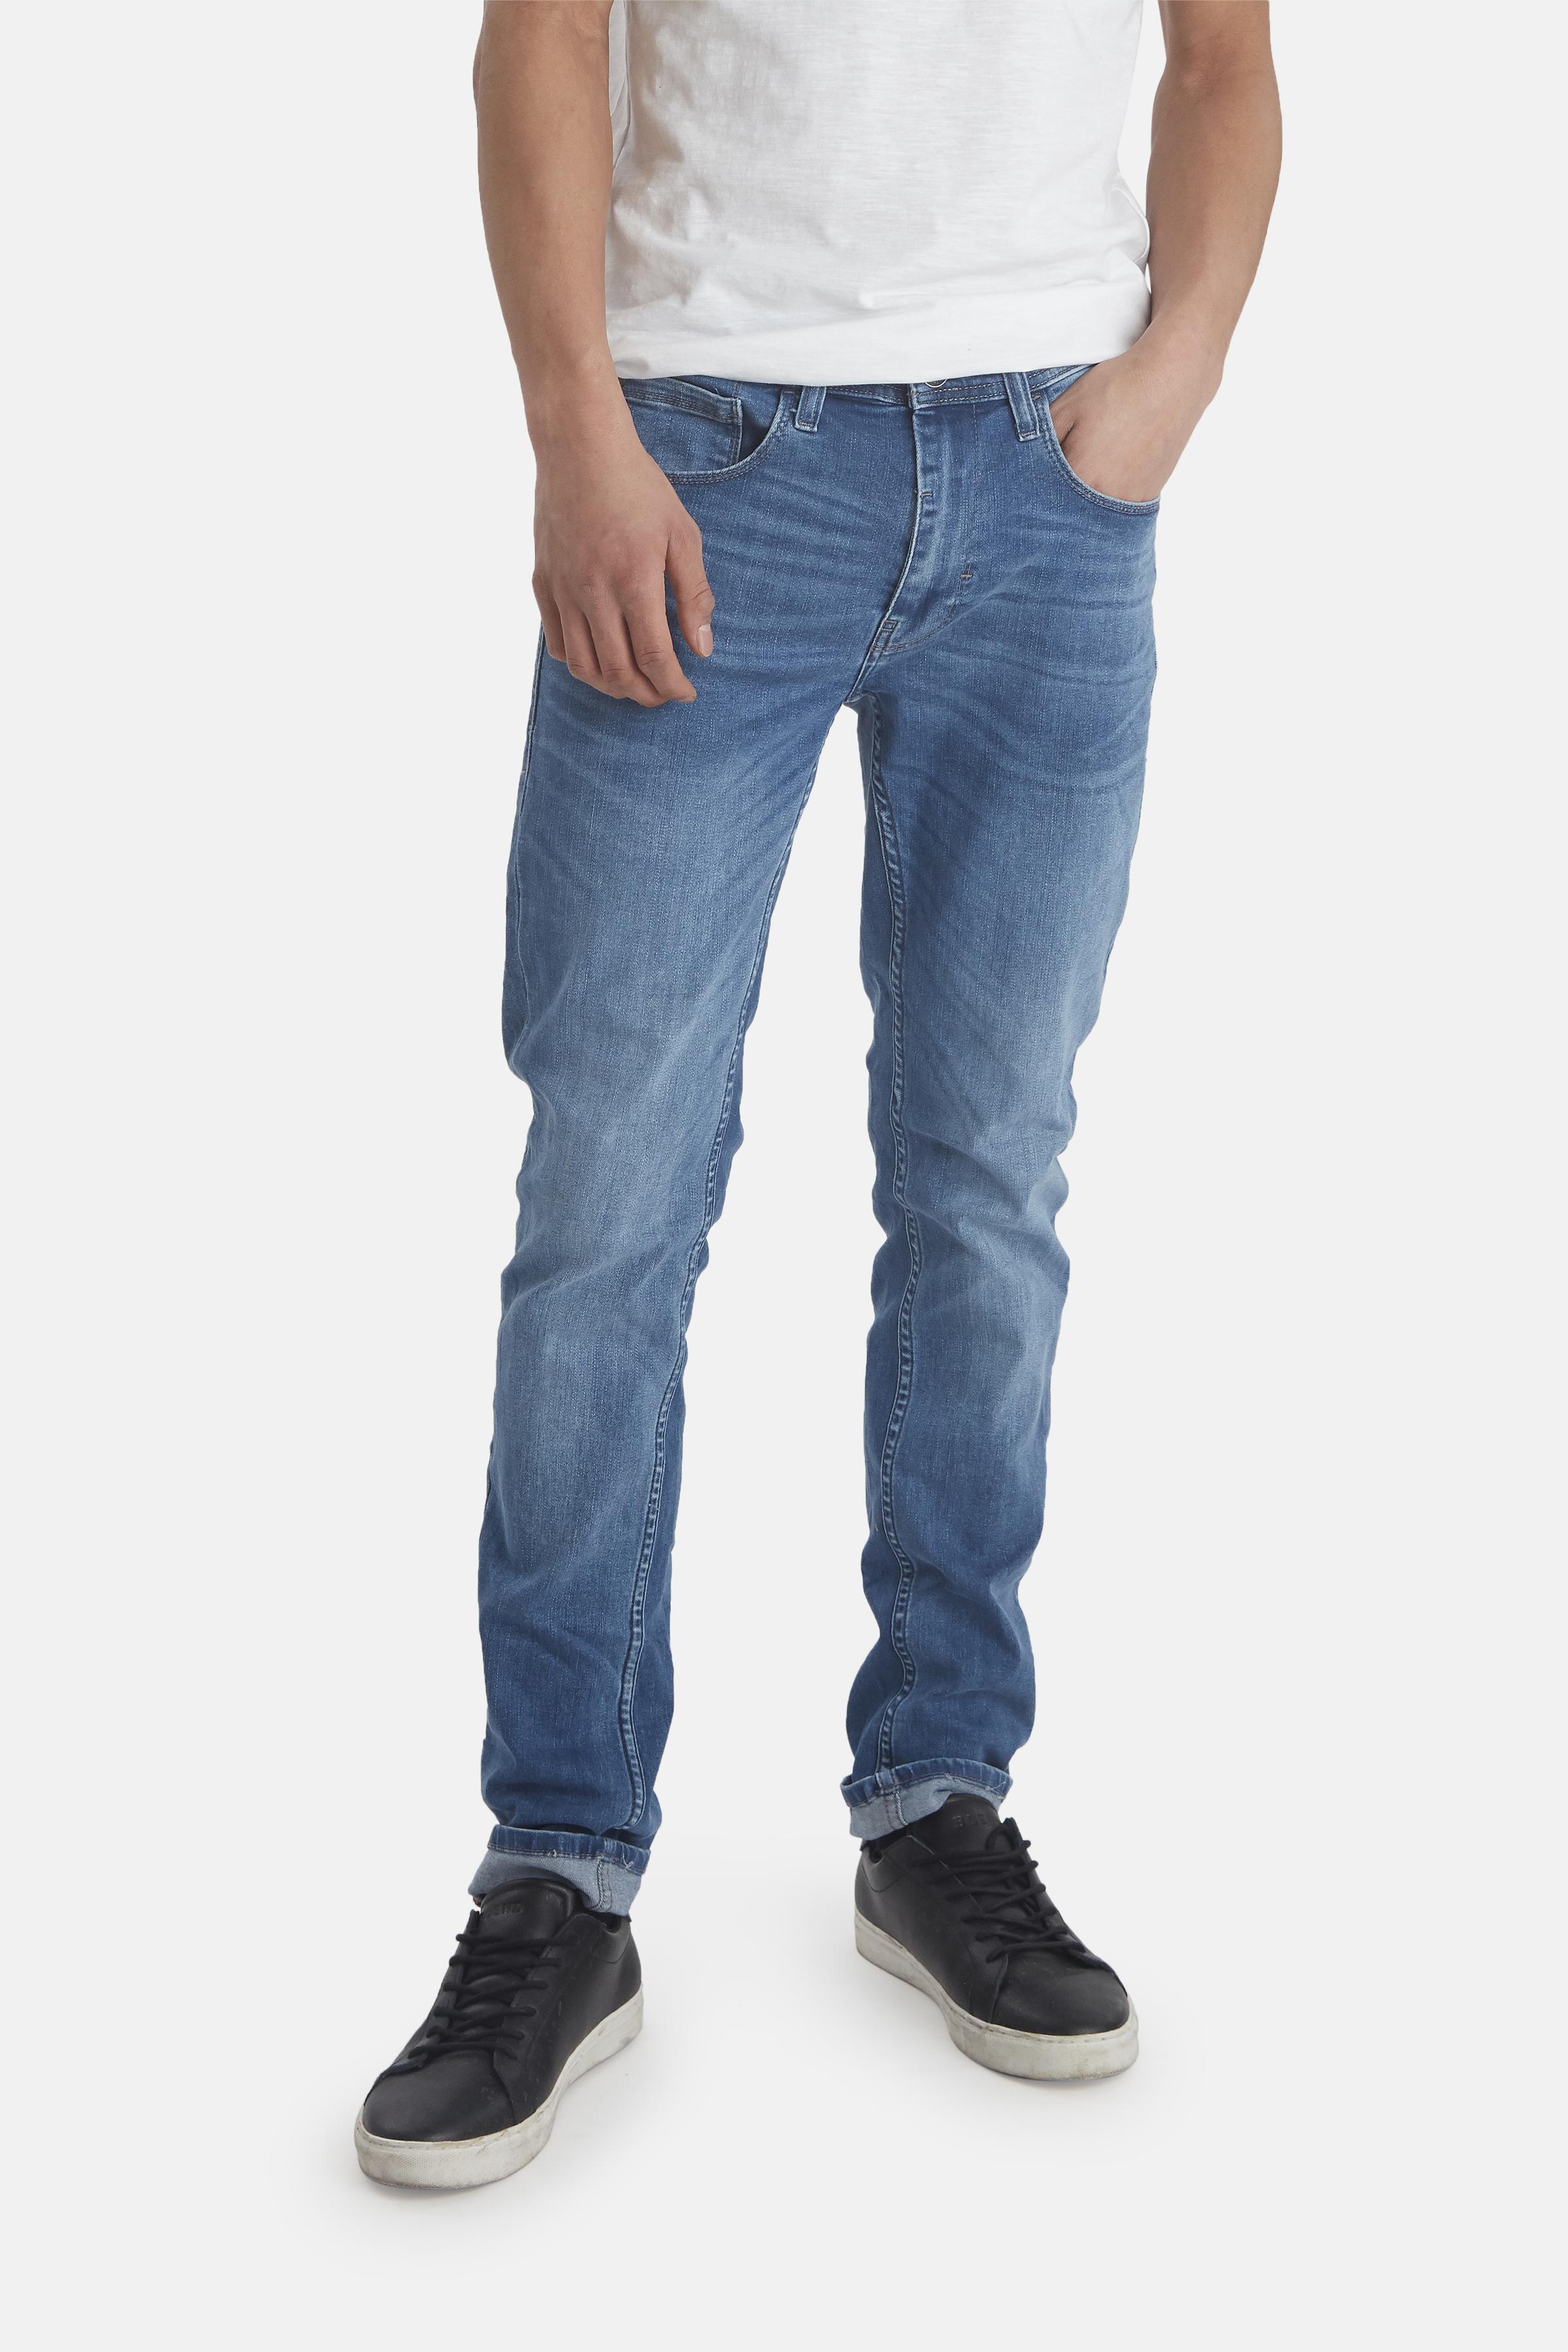 Denim Middle blue Jet jeans fra Blend He – Køb Denim Middle blue Jet jeans fra str. 33-36 her